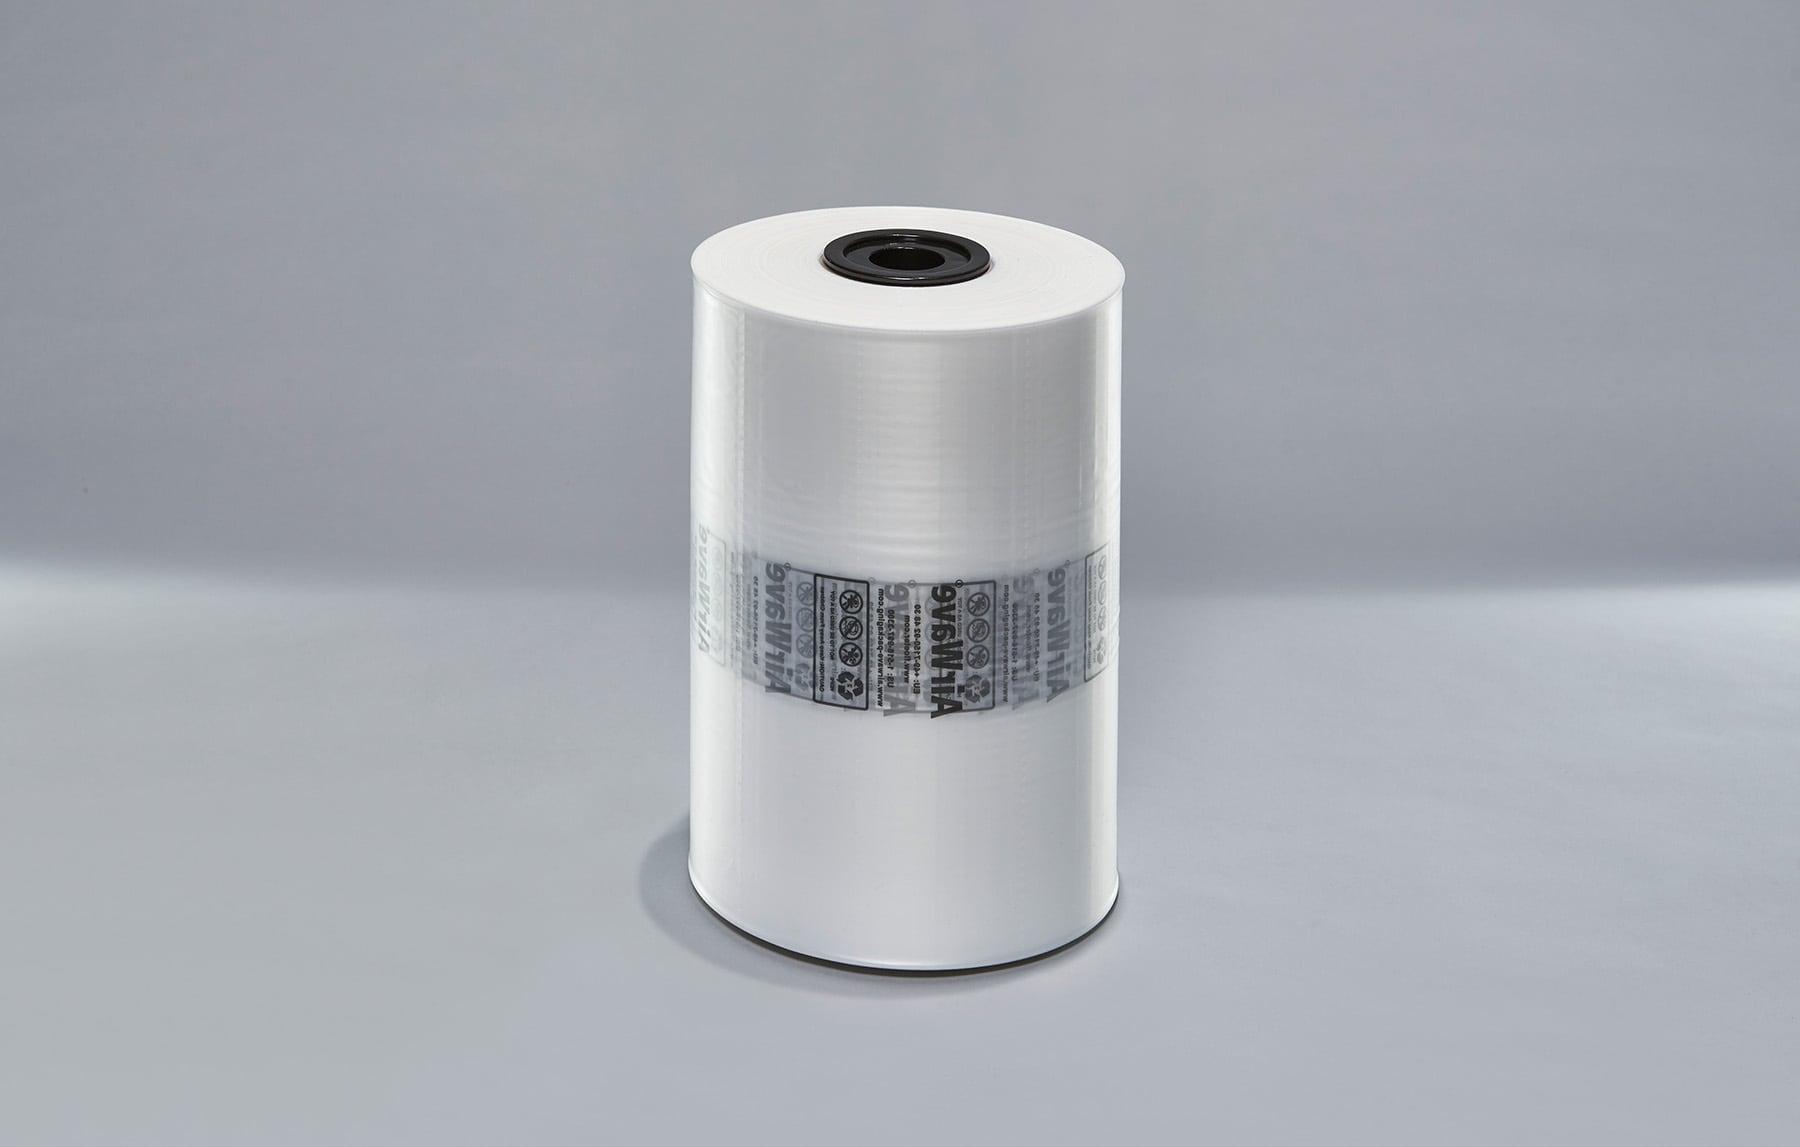 PP-air luchtzakjes folie 9.7.1 - 100 x 200mm x 350m